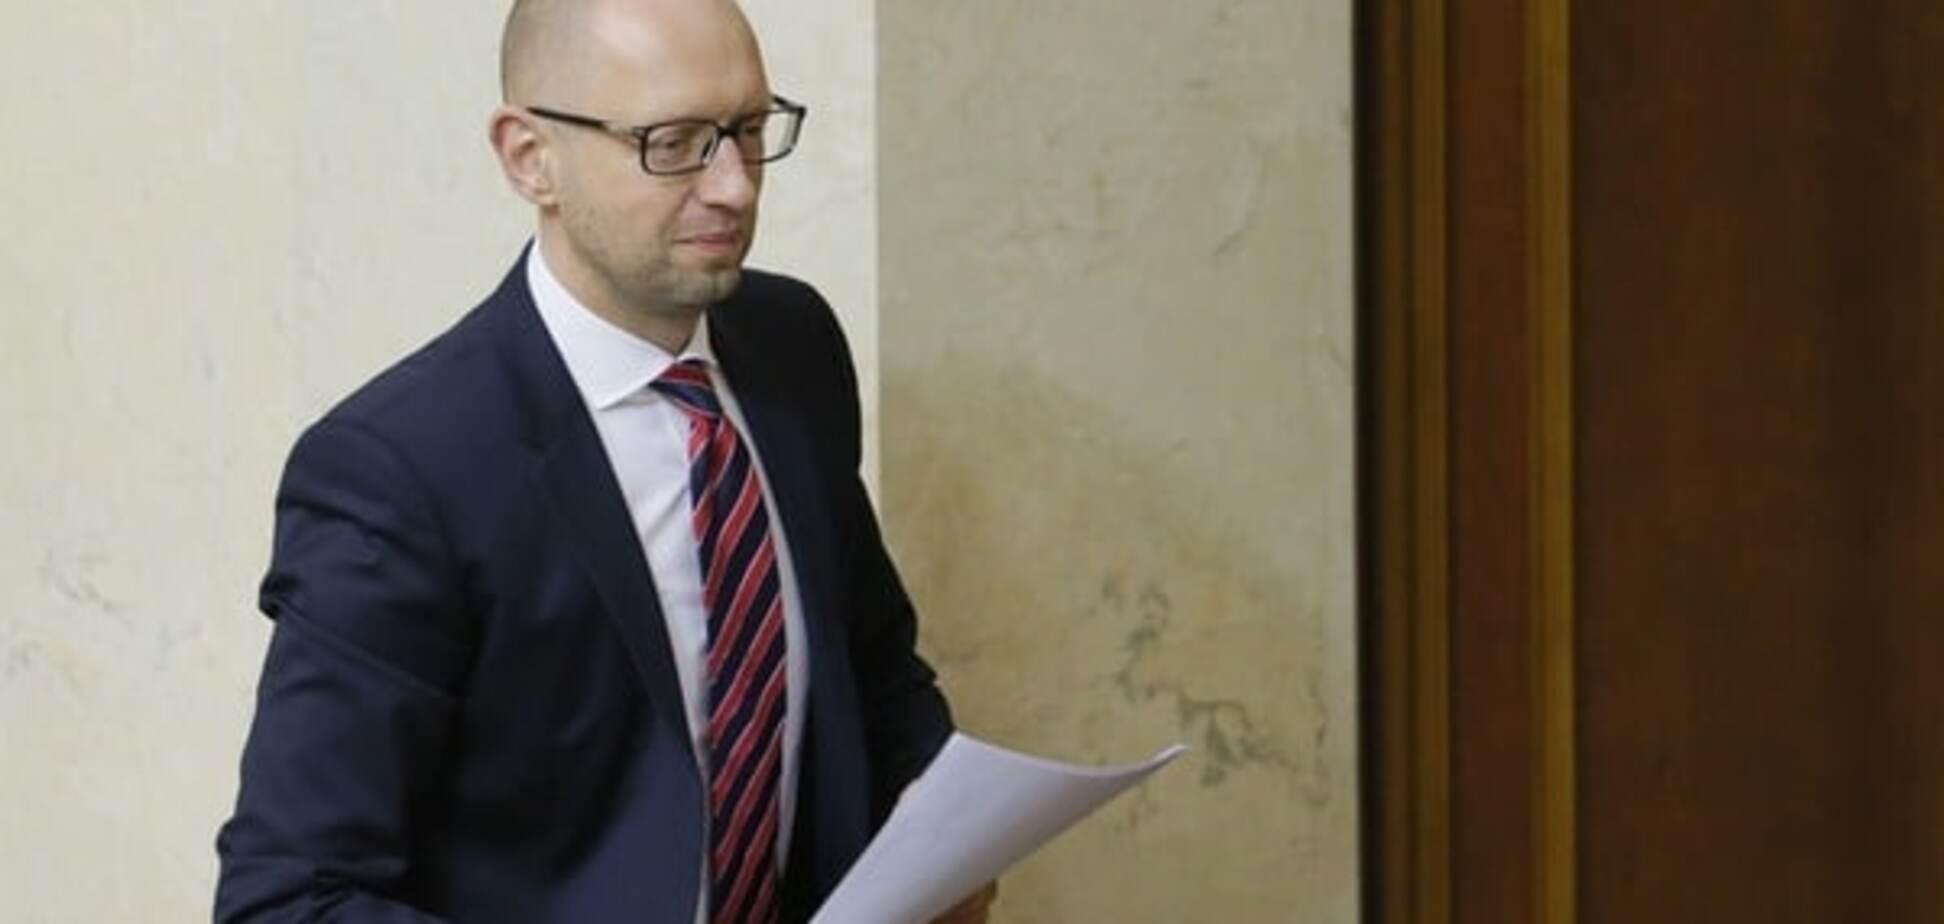 Інтриги олігархів: Яценюк виграв кілька місяців завдяки провалу голосування